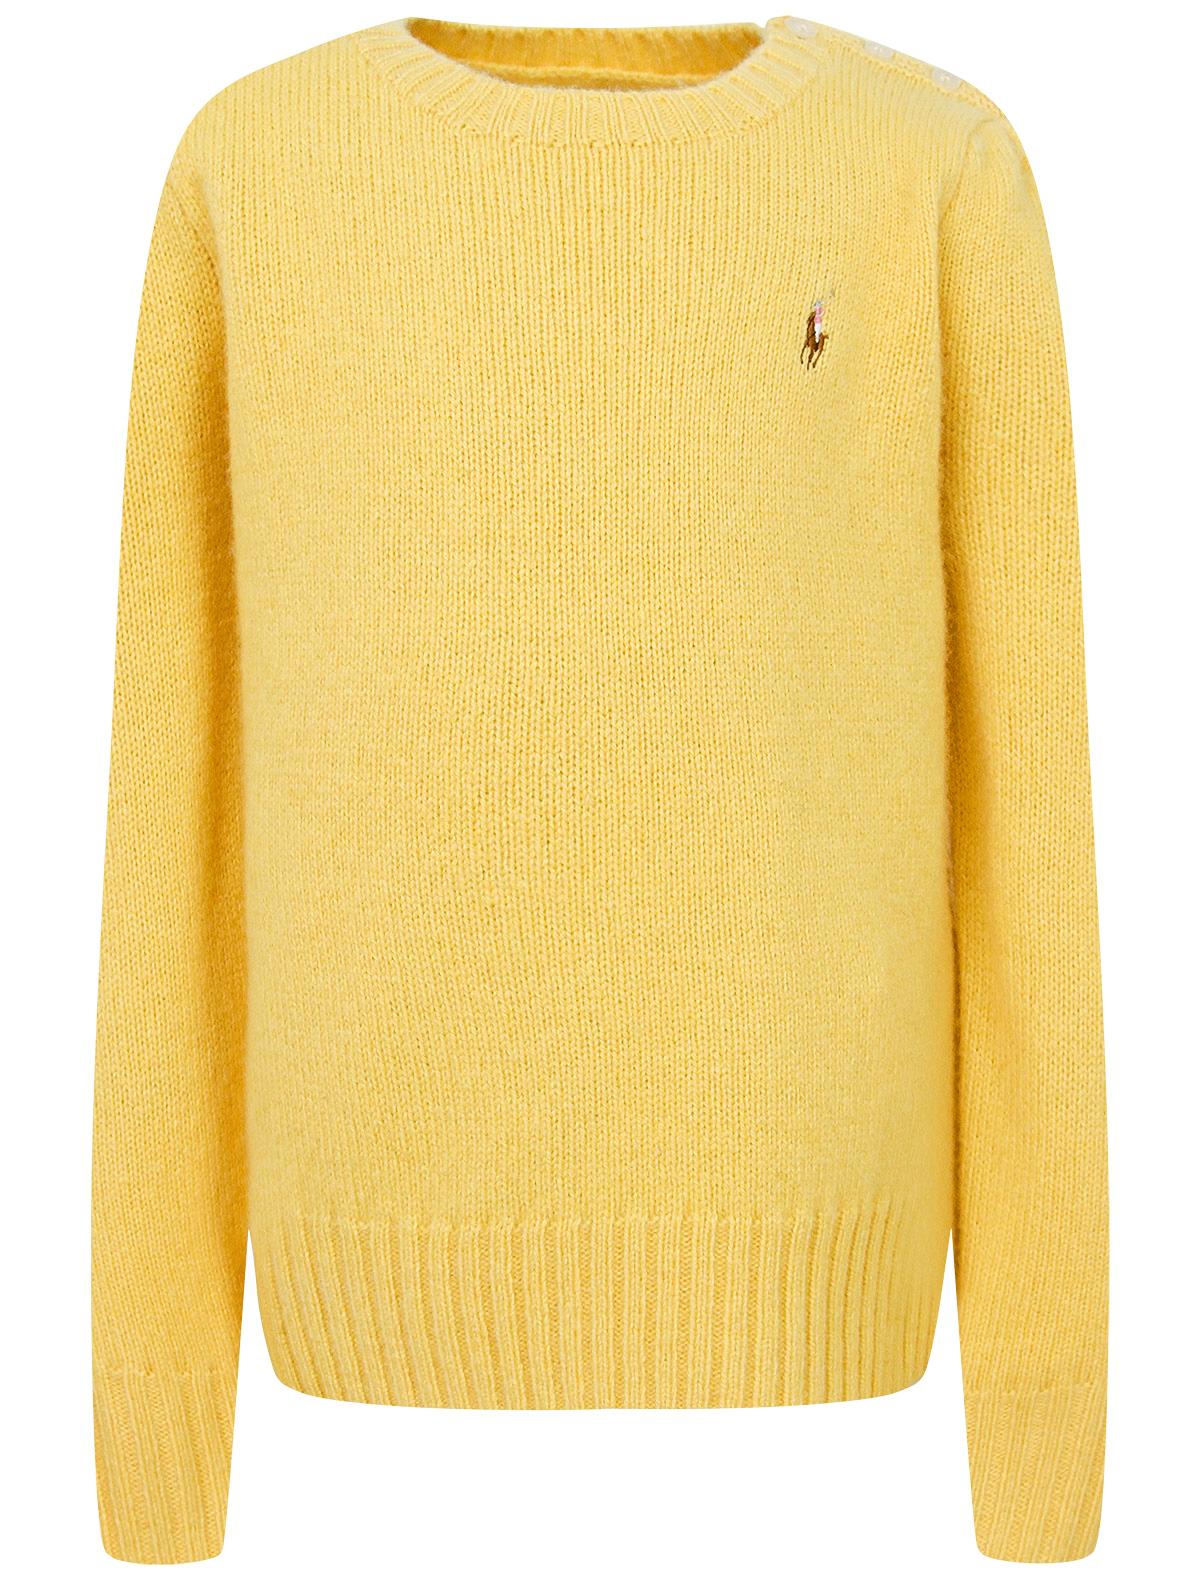 Купить 2174114, Джемпер Ralph Lauren, желтый, 1262809980719